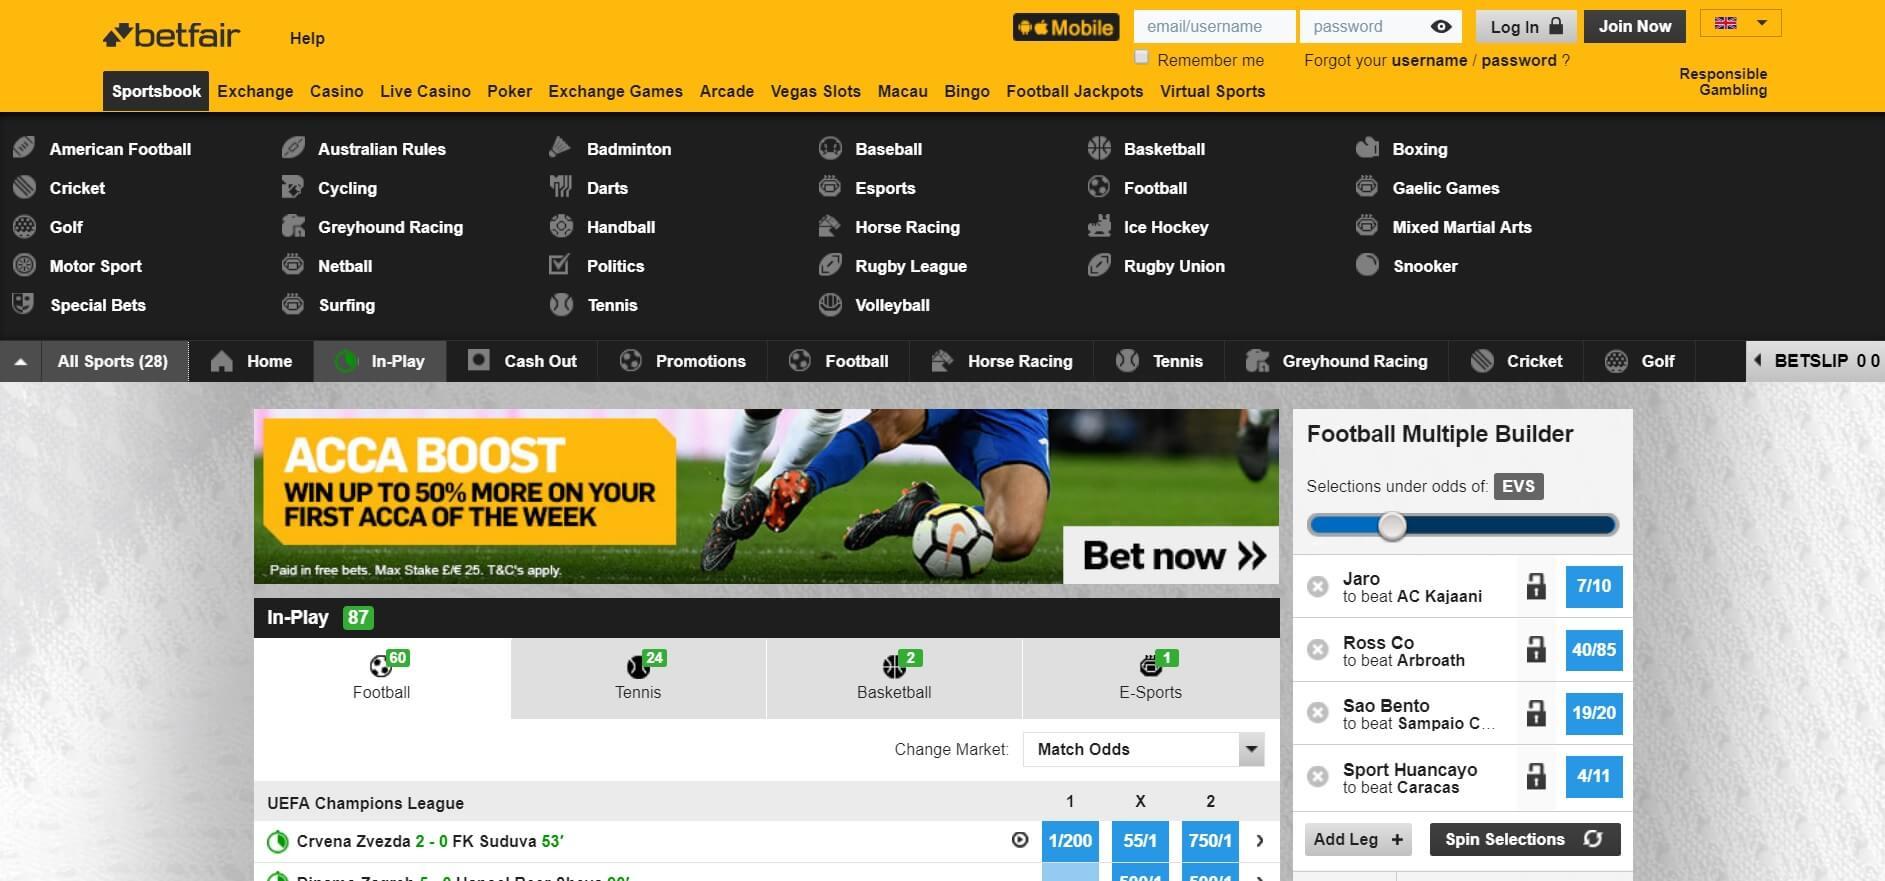 Review of Betfair Sportsbook